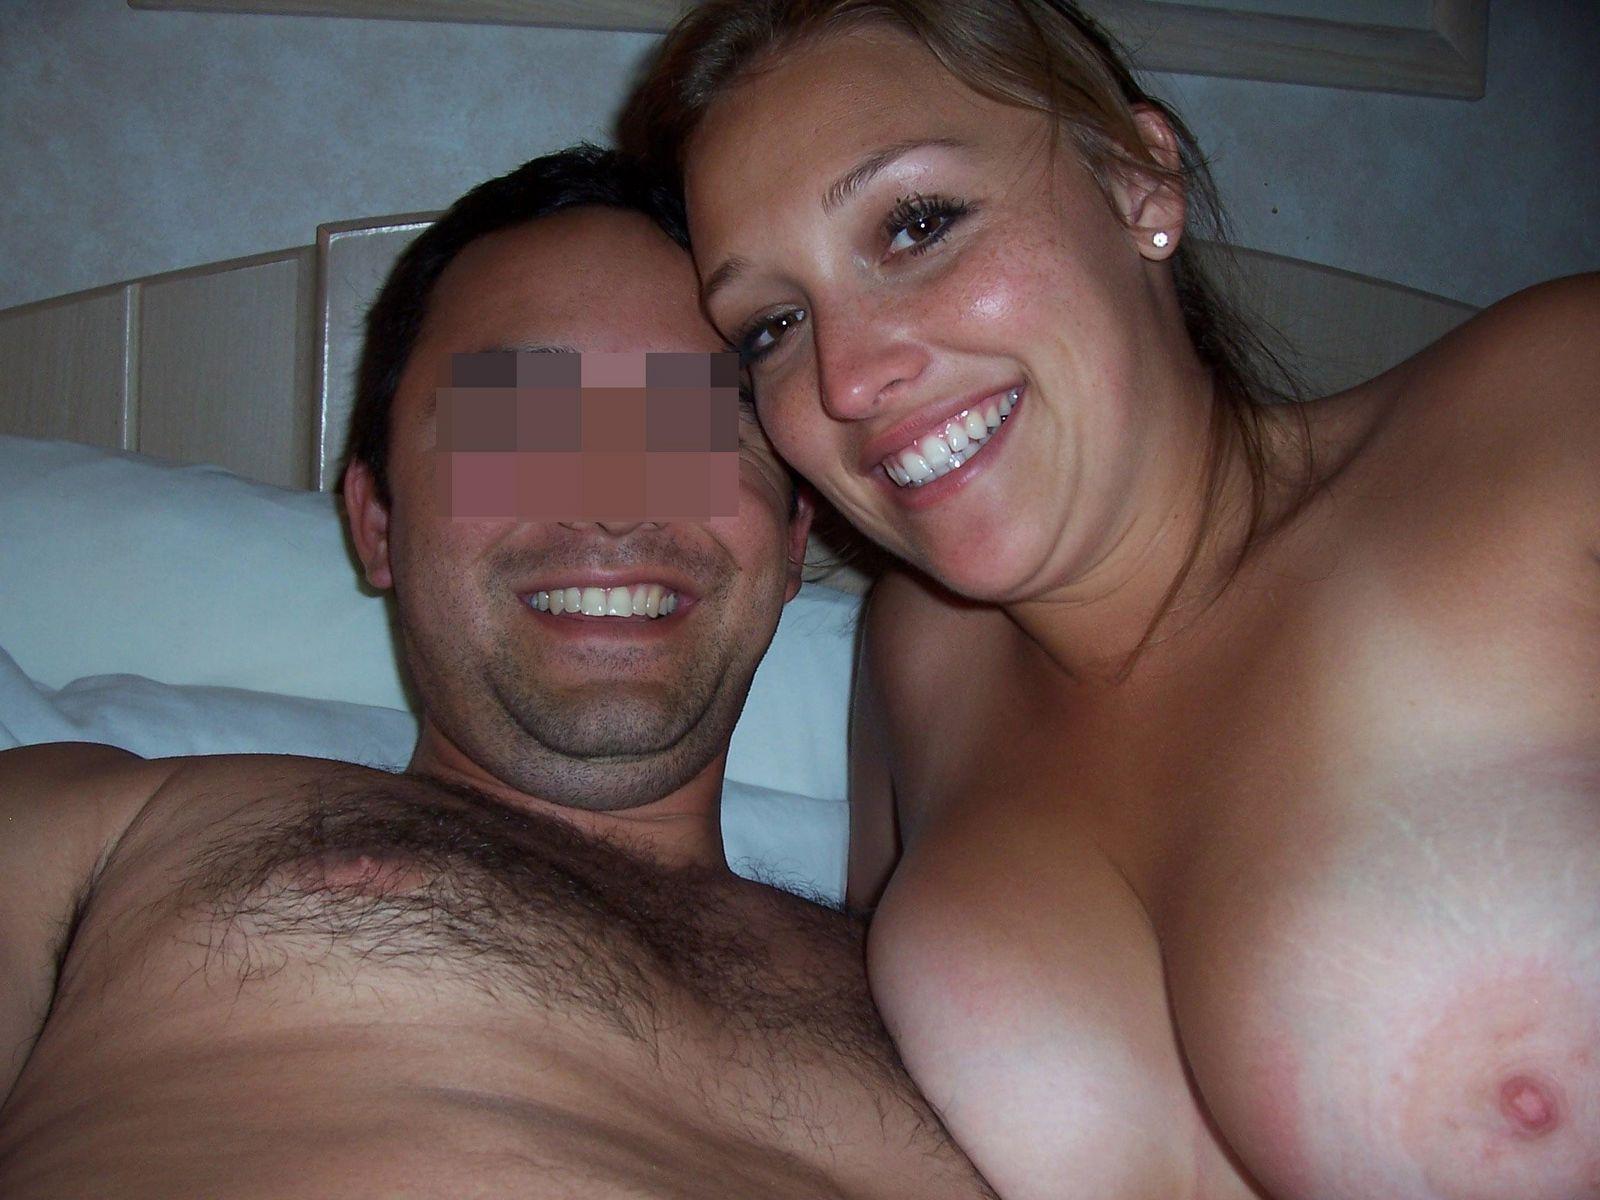 Парочка любит снимать домашнее эротическое фото, на которых они занимаются жарким сексом